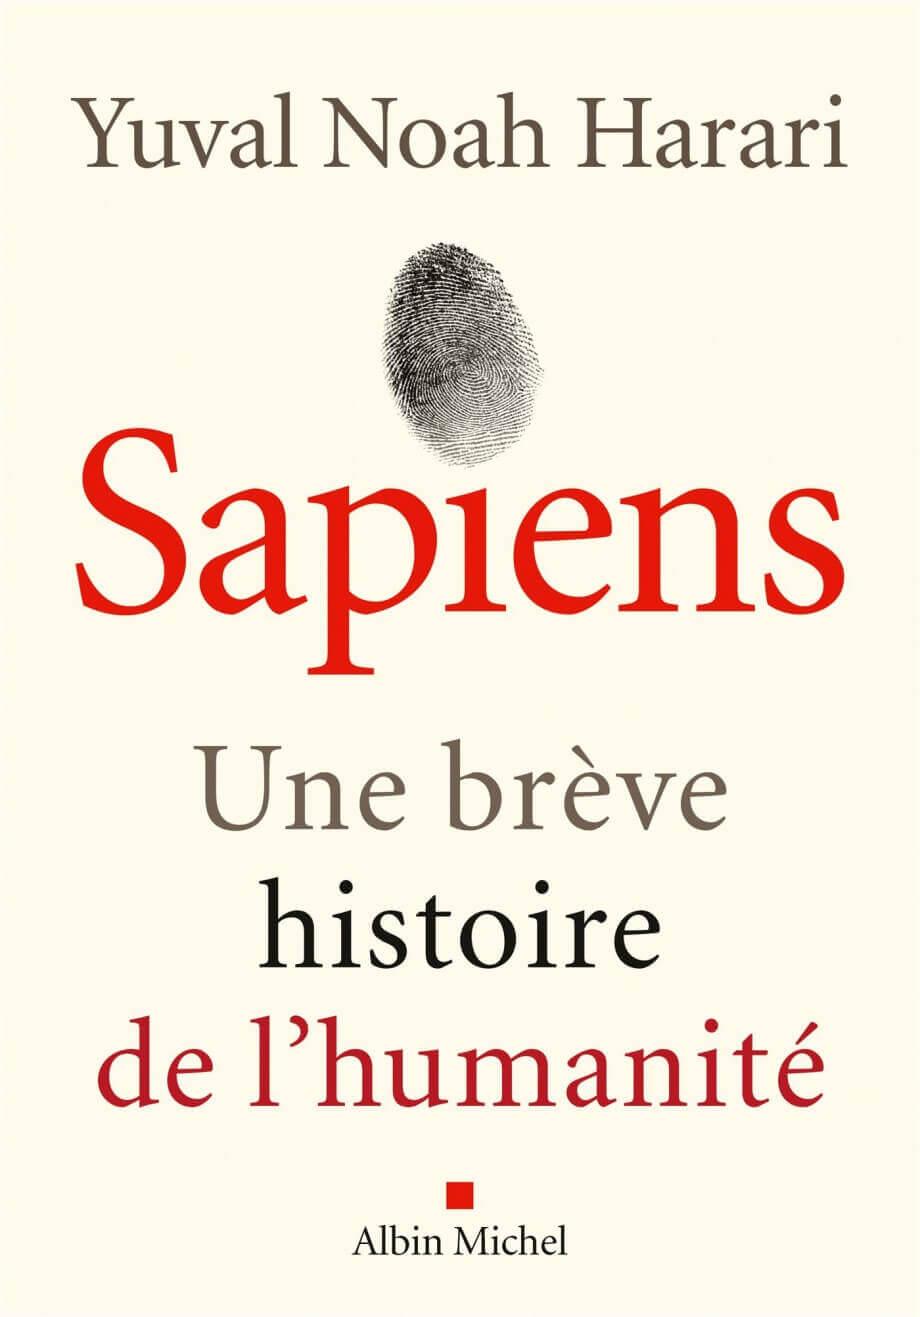 Sapiens, une brève histoire de l'humanité;